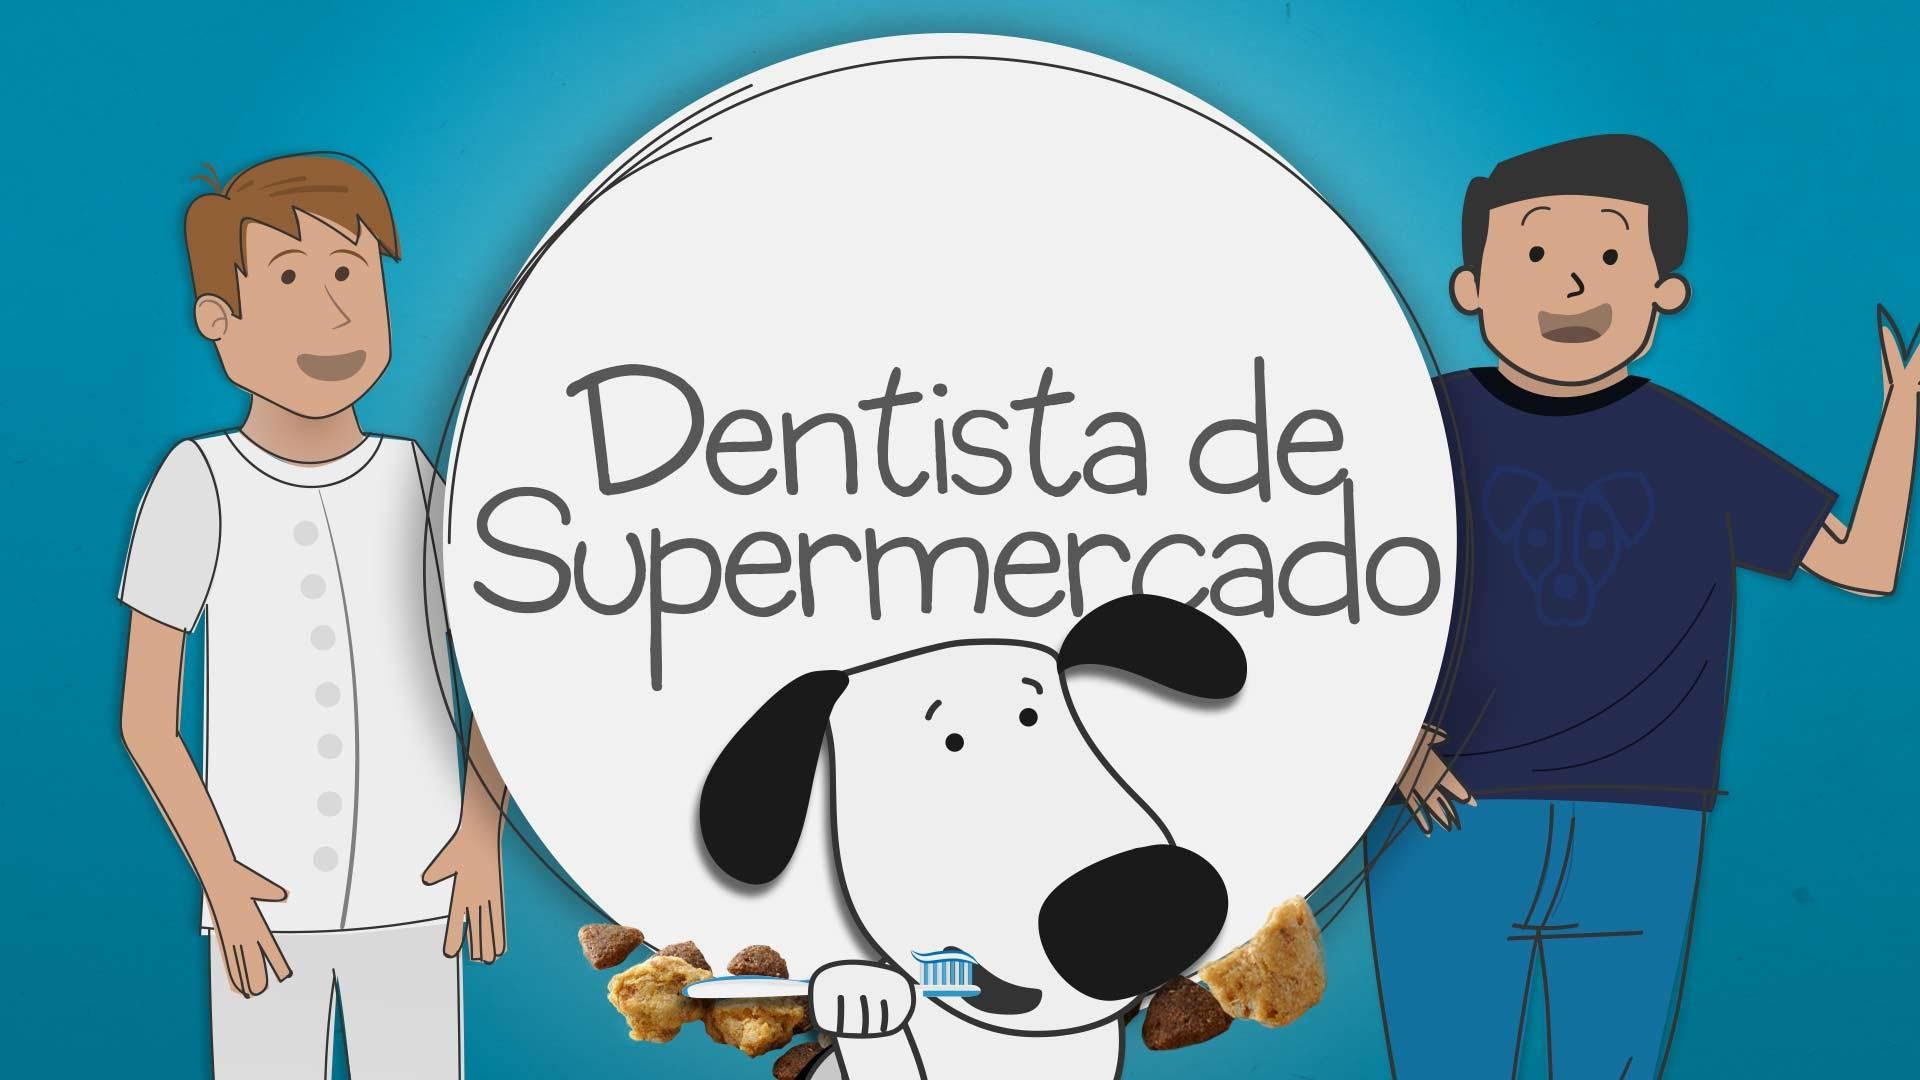 Ralf y Oli #01. Dentista de supermercado.